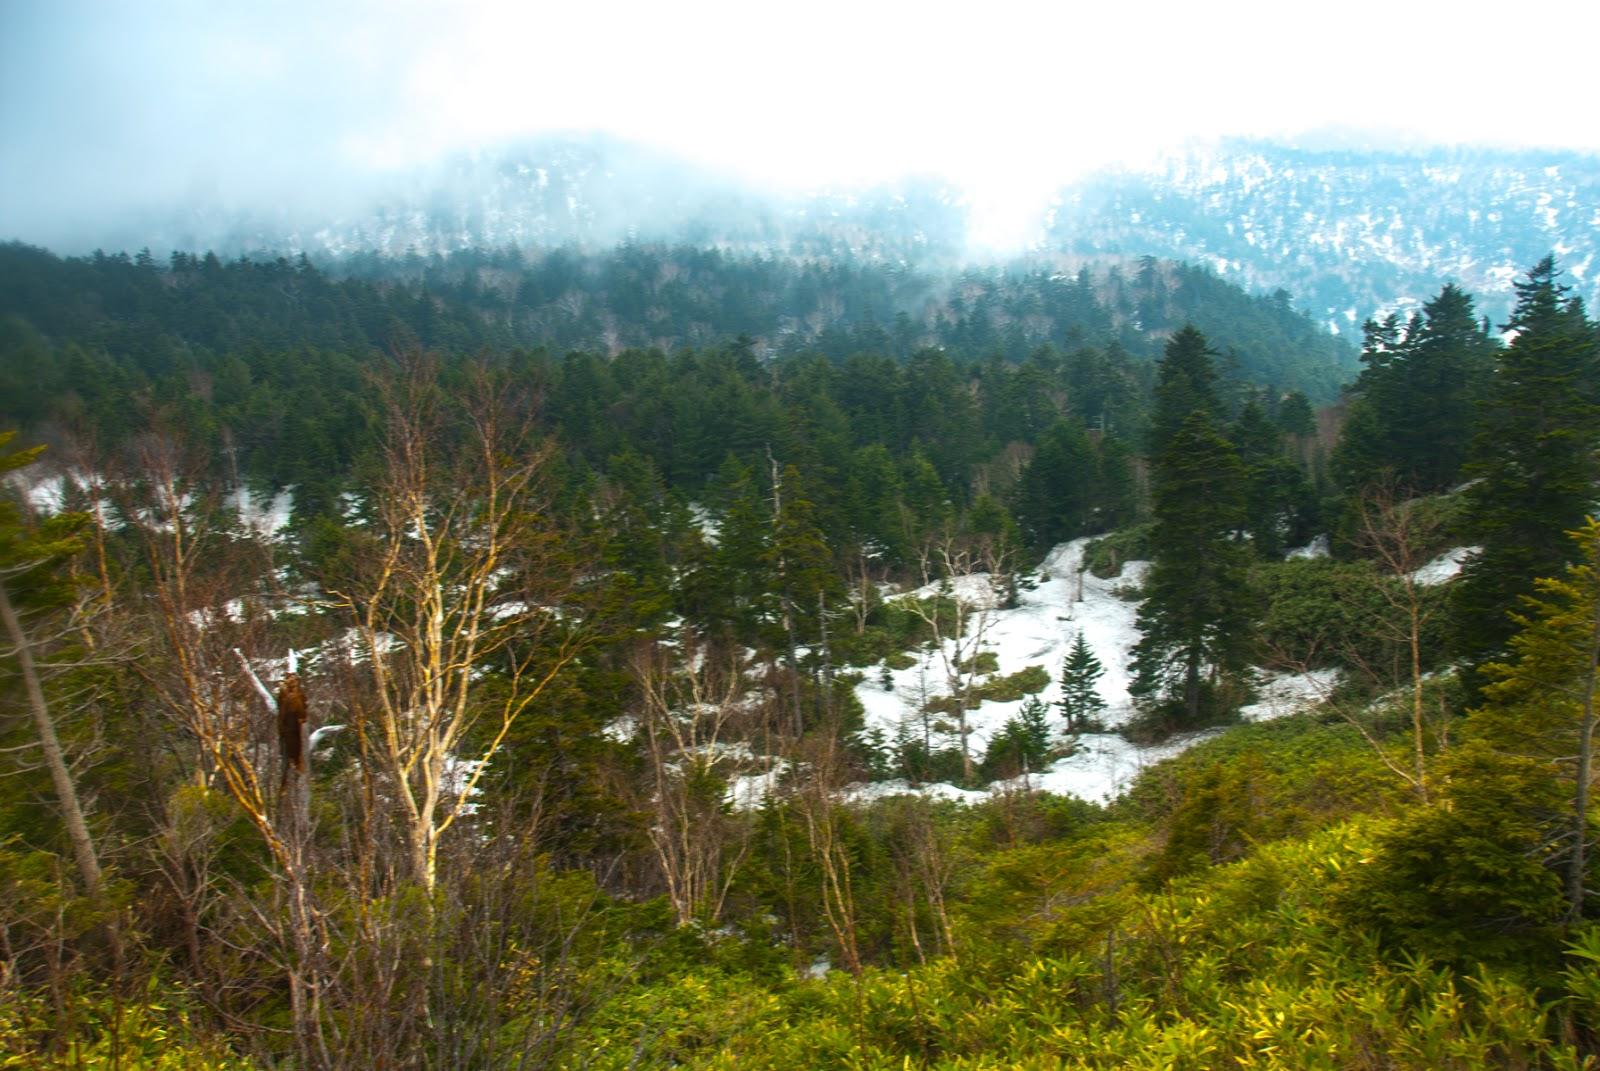 雪の残る山道をひたすらに進む